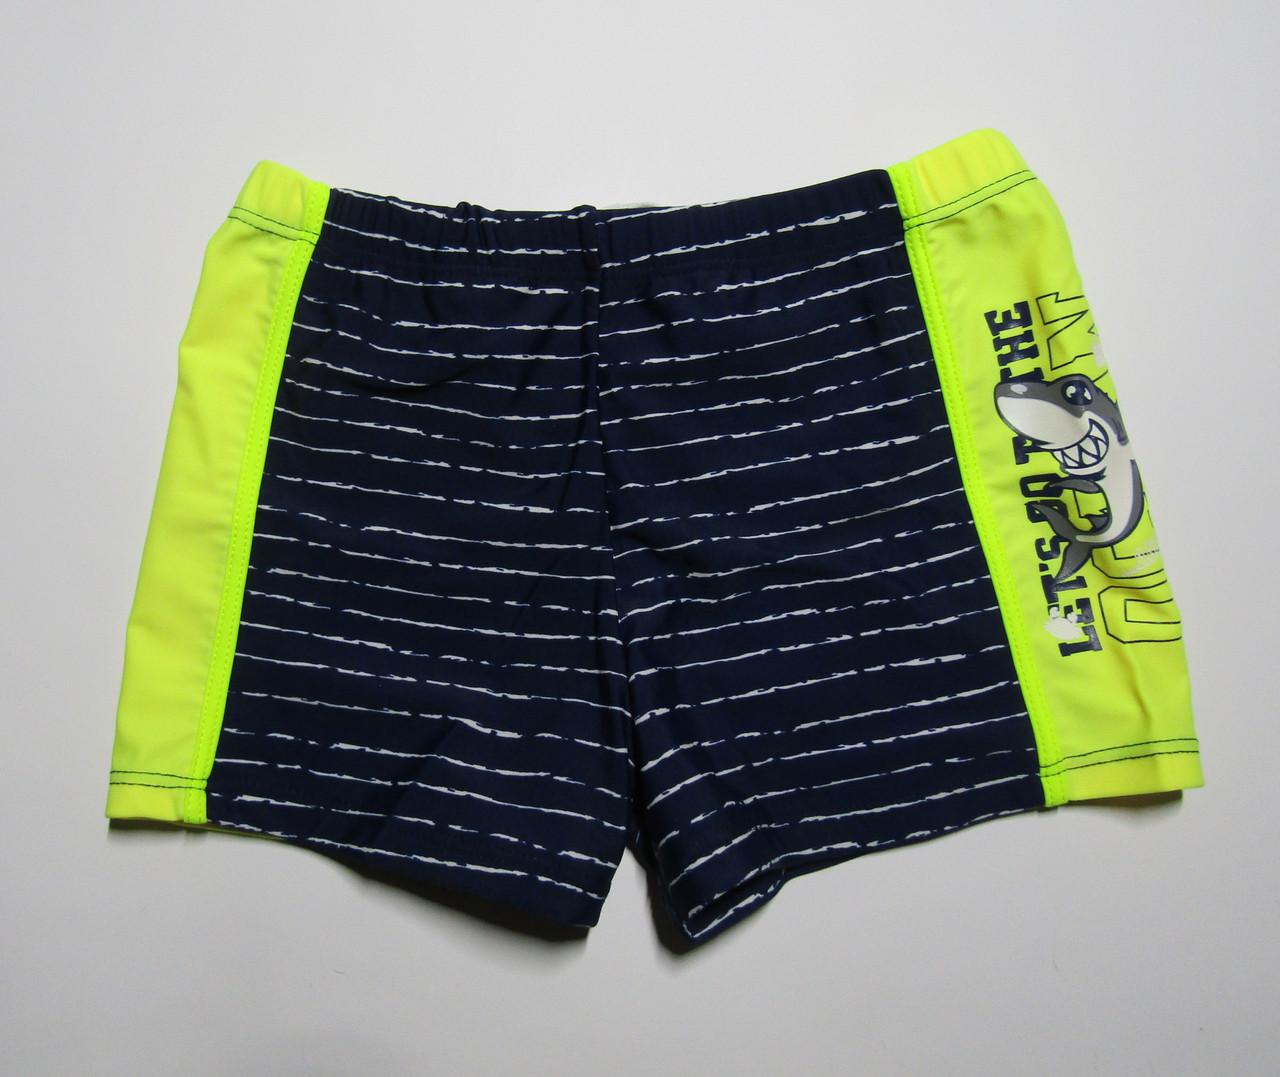 Детские плавки-шорты для мальчика Teres Темно-синий + желтый